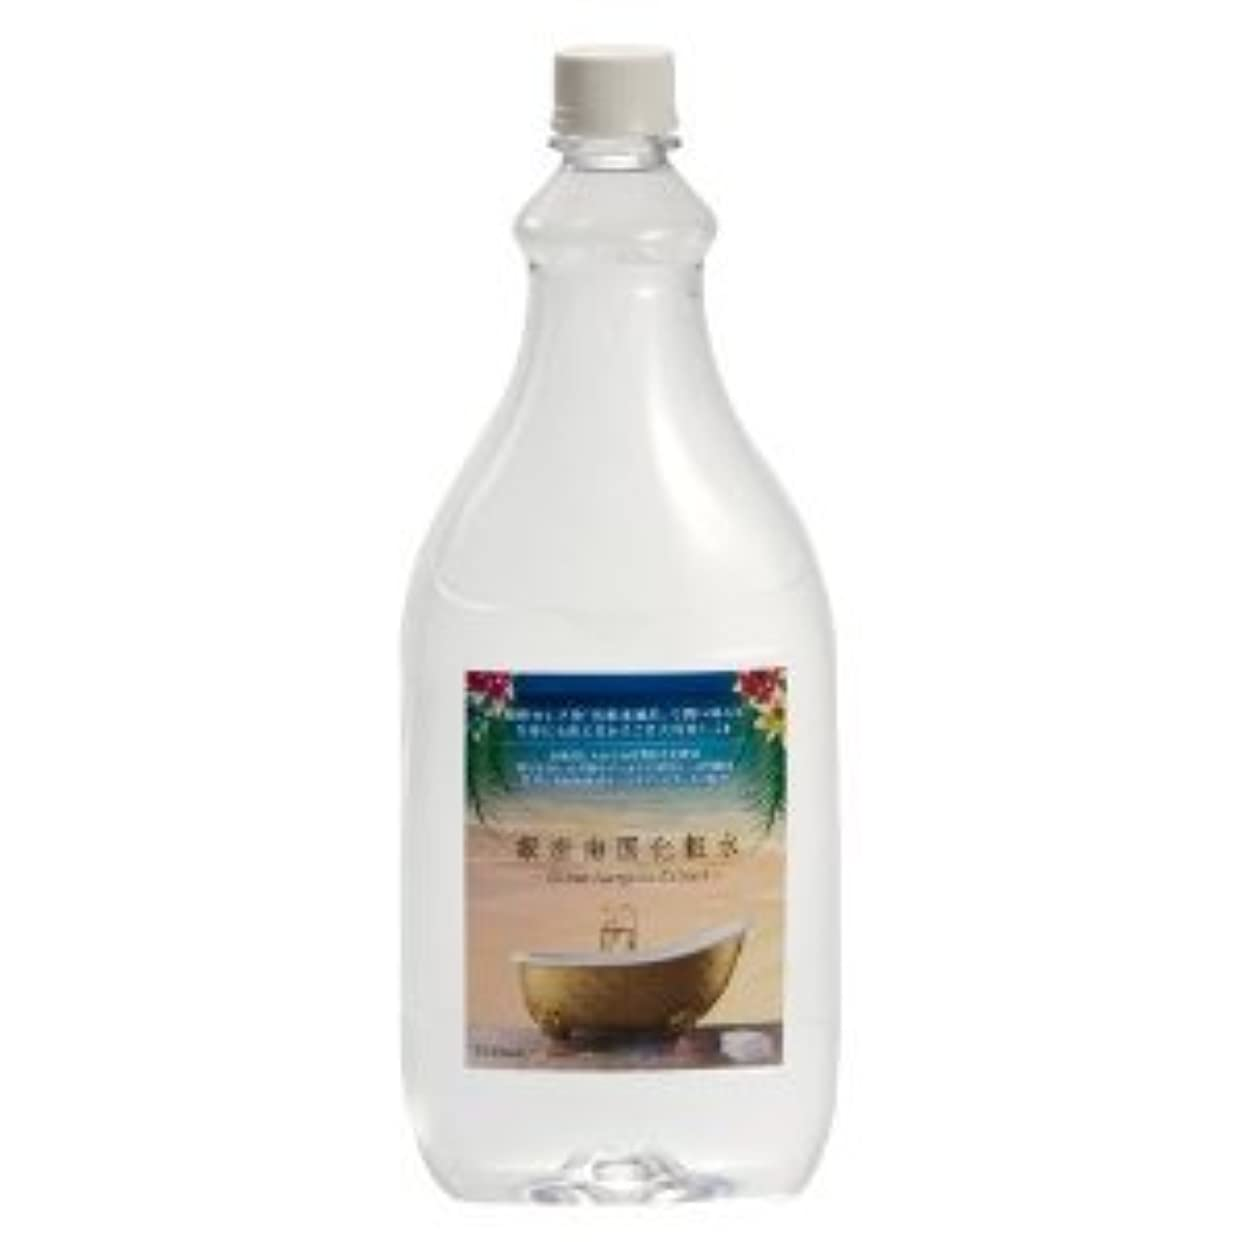 素晴らしさ投獄司書銀座南国化粧水 (1000ml) スプレーボトル付きセット